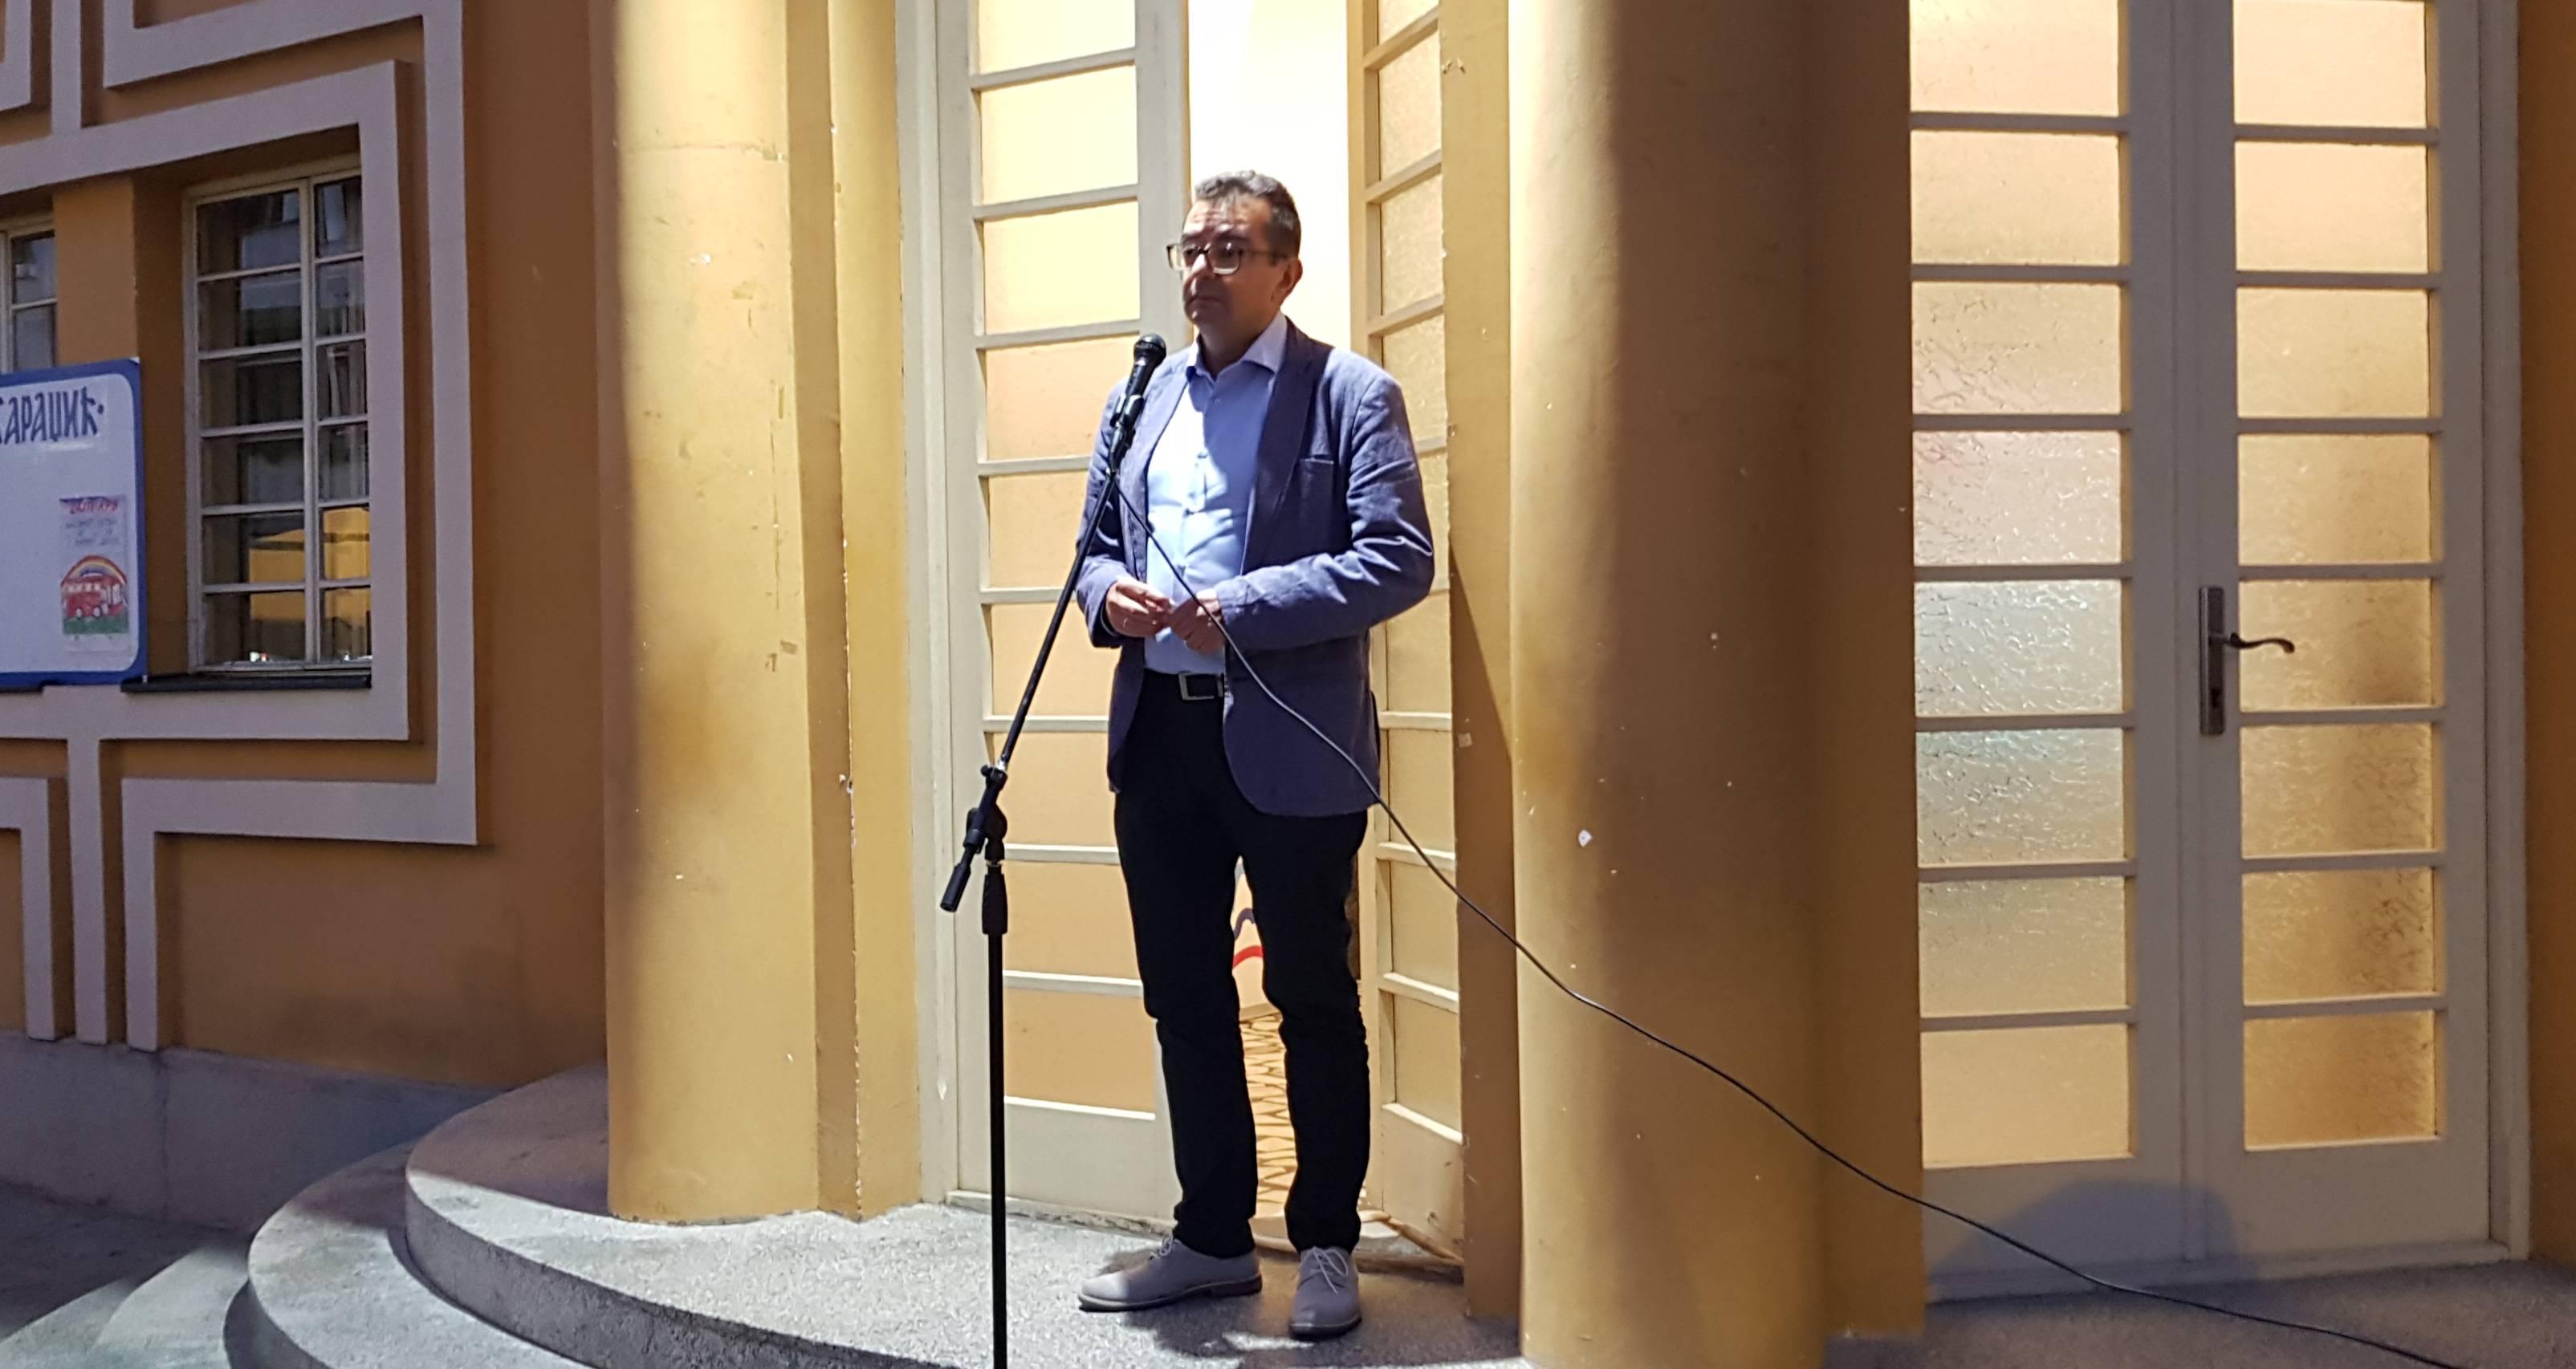 Савез за Србију: Јанко Веселиновић председавајући Председништва у октобру